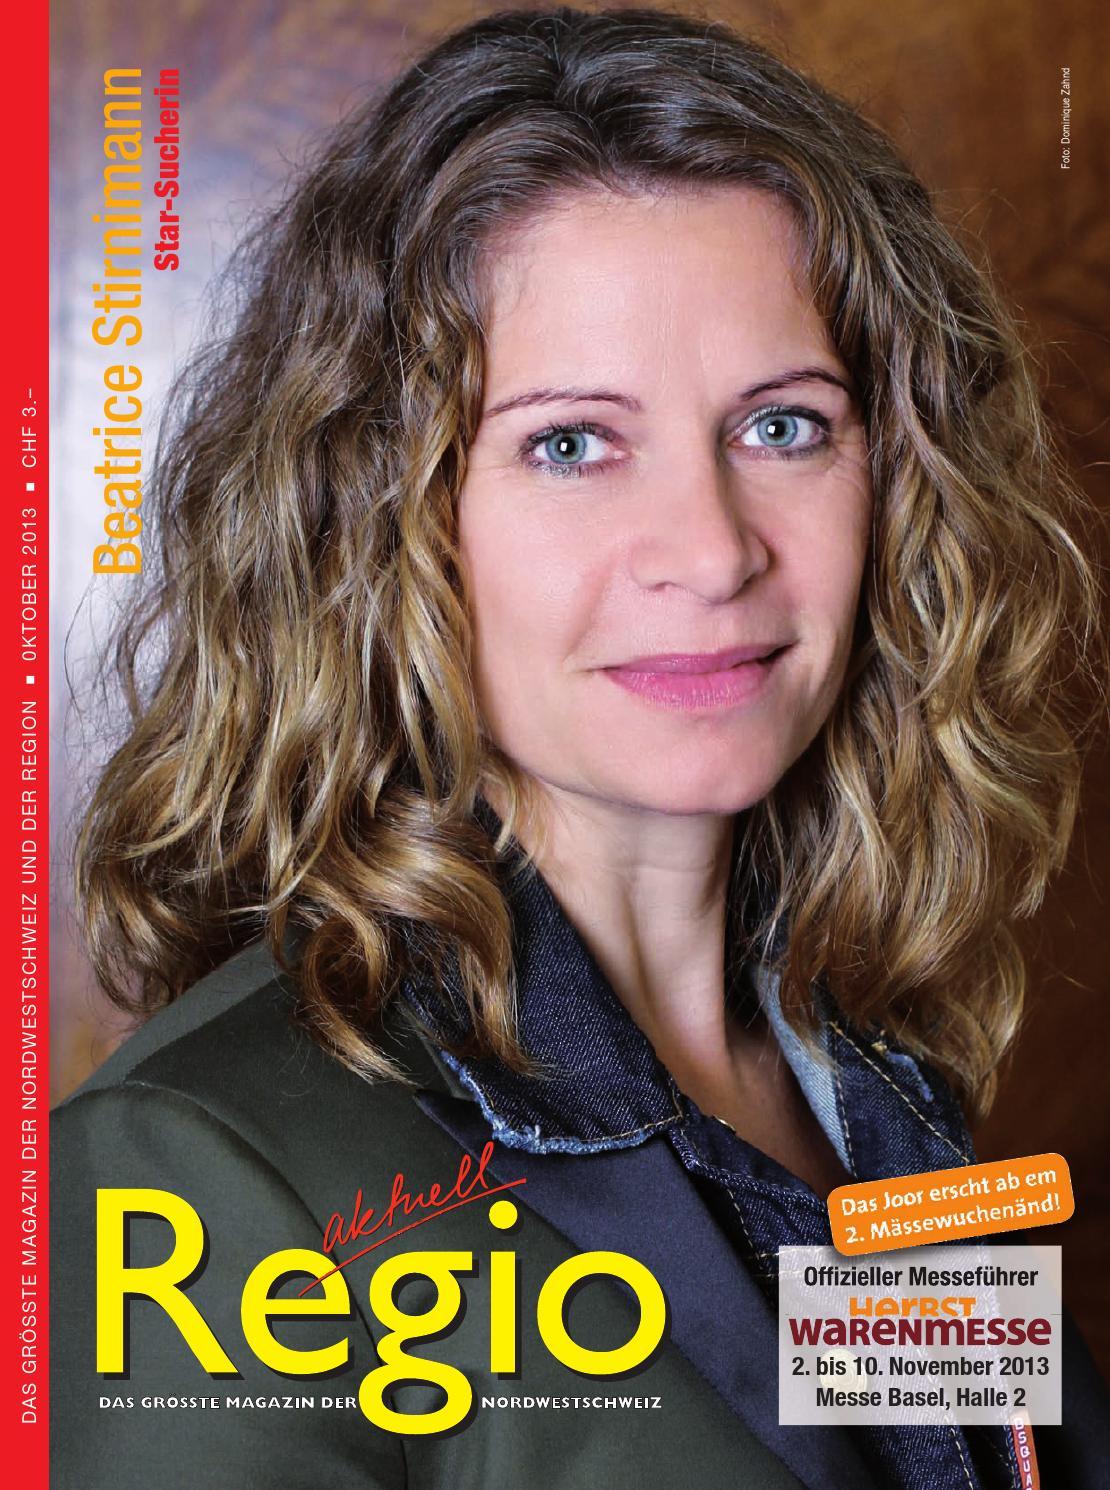 Regio Aktuell 10 13 By Regio Aktuell Issuu